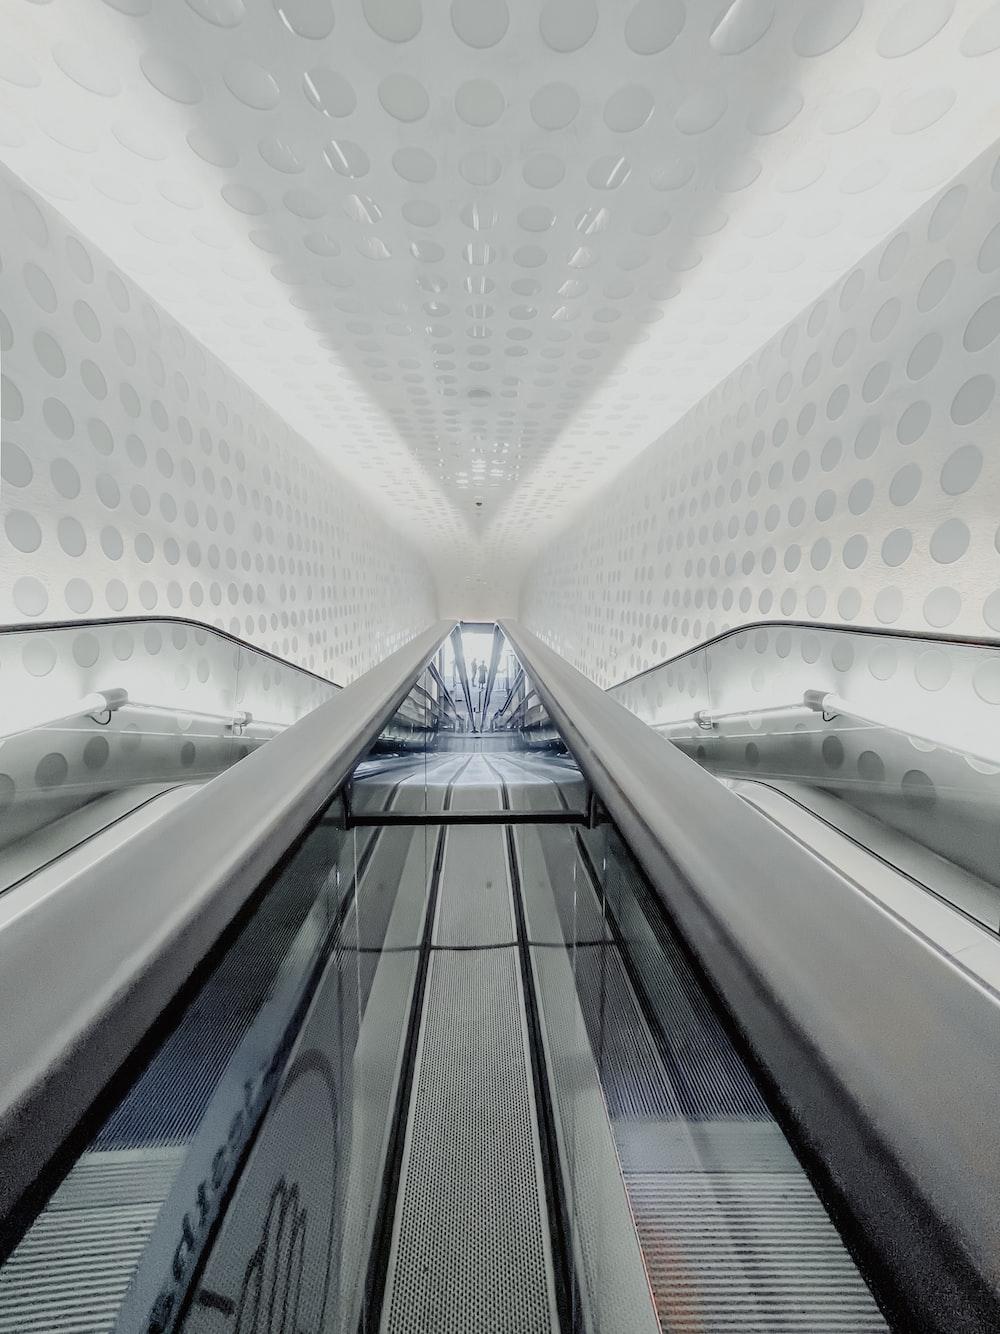 white and gray concrete building interior